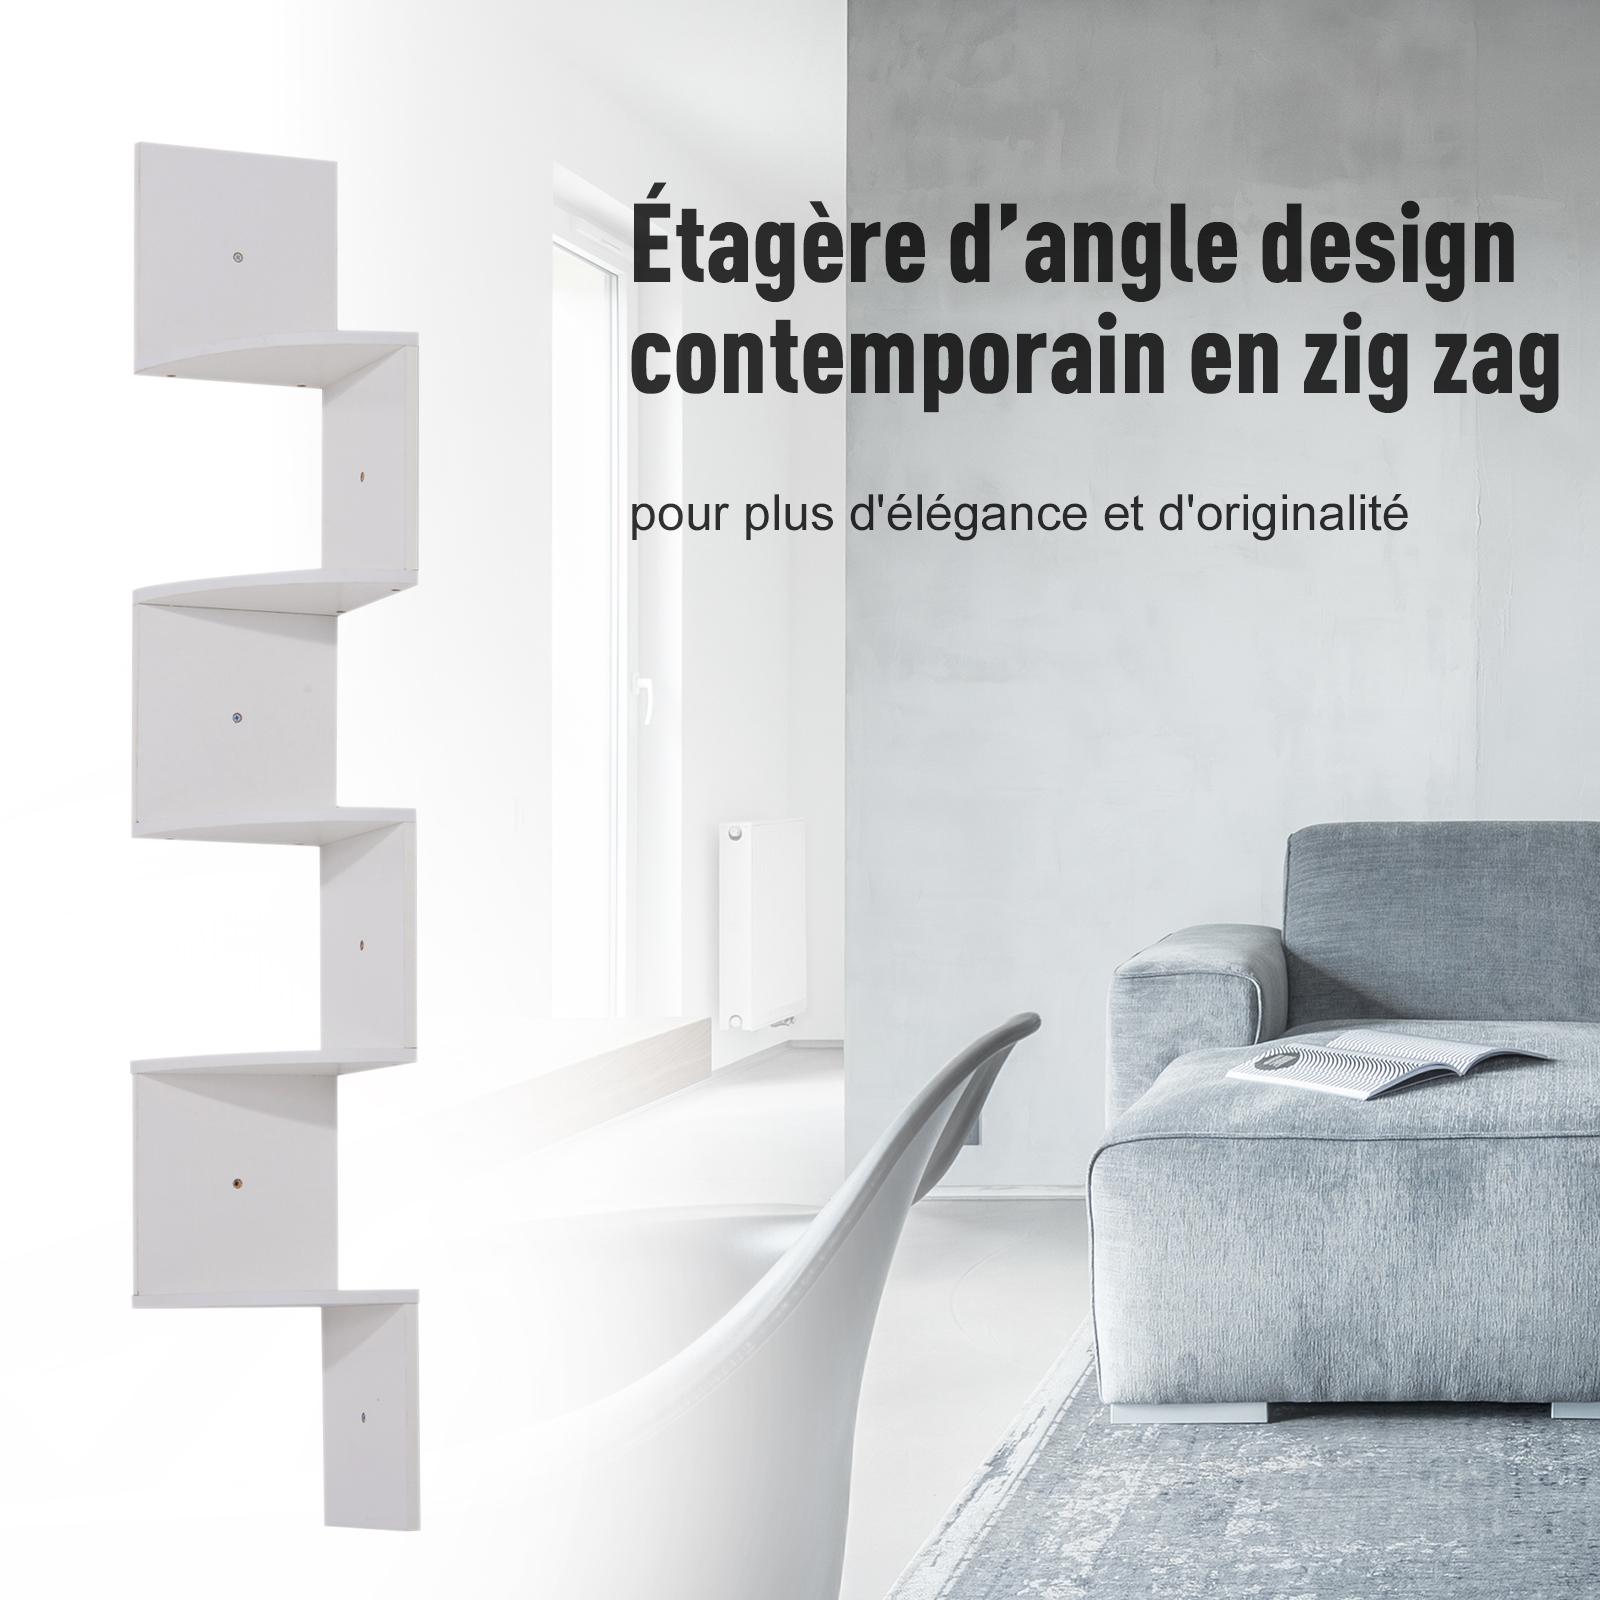 Etagere-d-Angle-Etagere-Murale-Zigzag-5-Niveaux-20-x-20-x-126-cm miniature 6